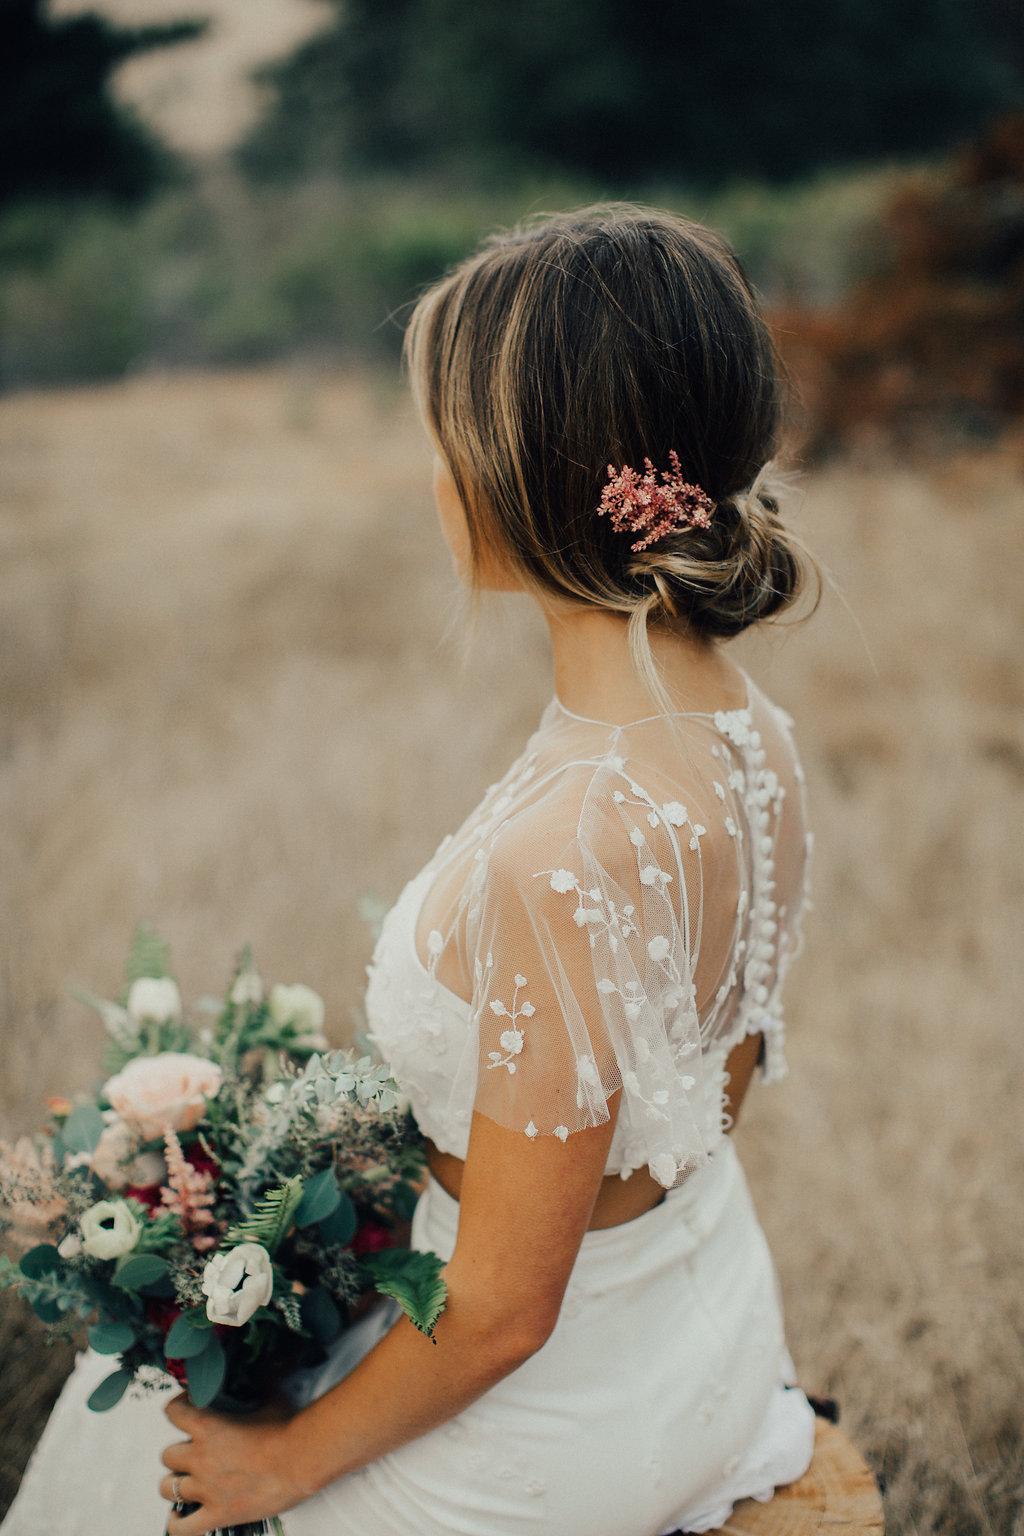 taryn-dudley-photo-aurelia-flora